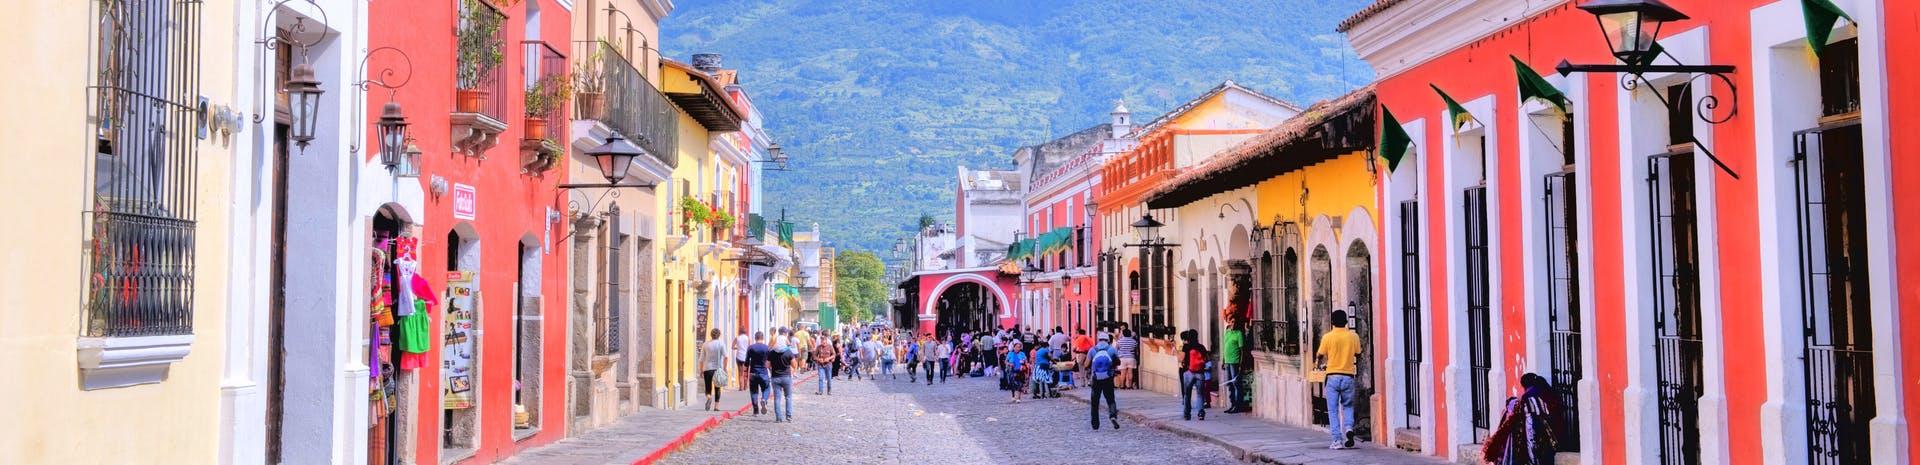 Picture of Quezaltenango